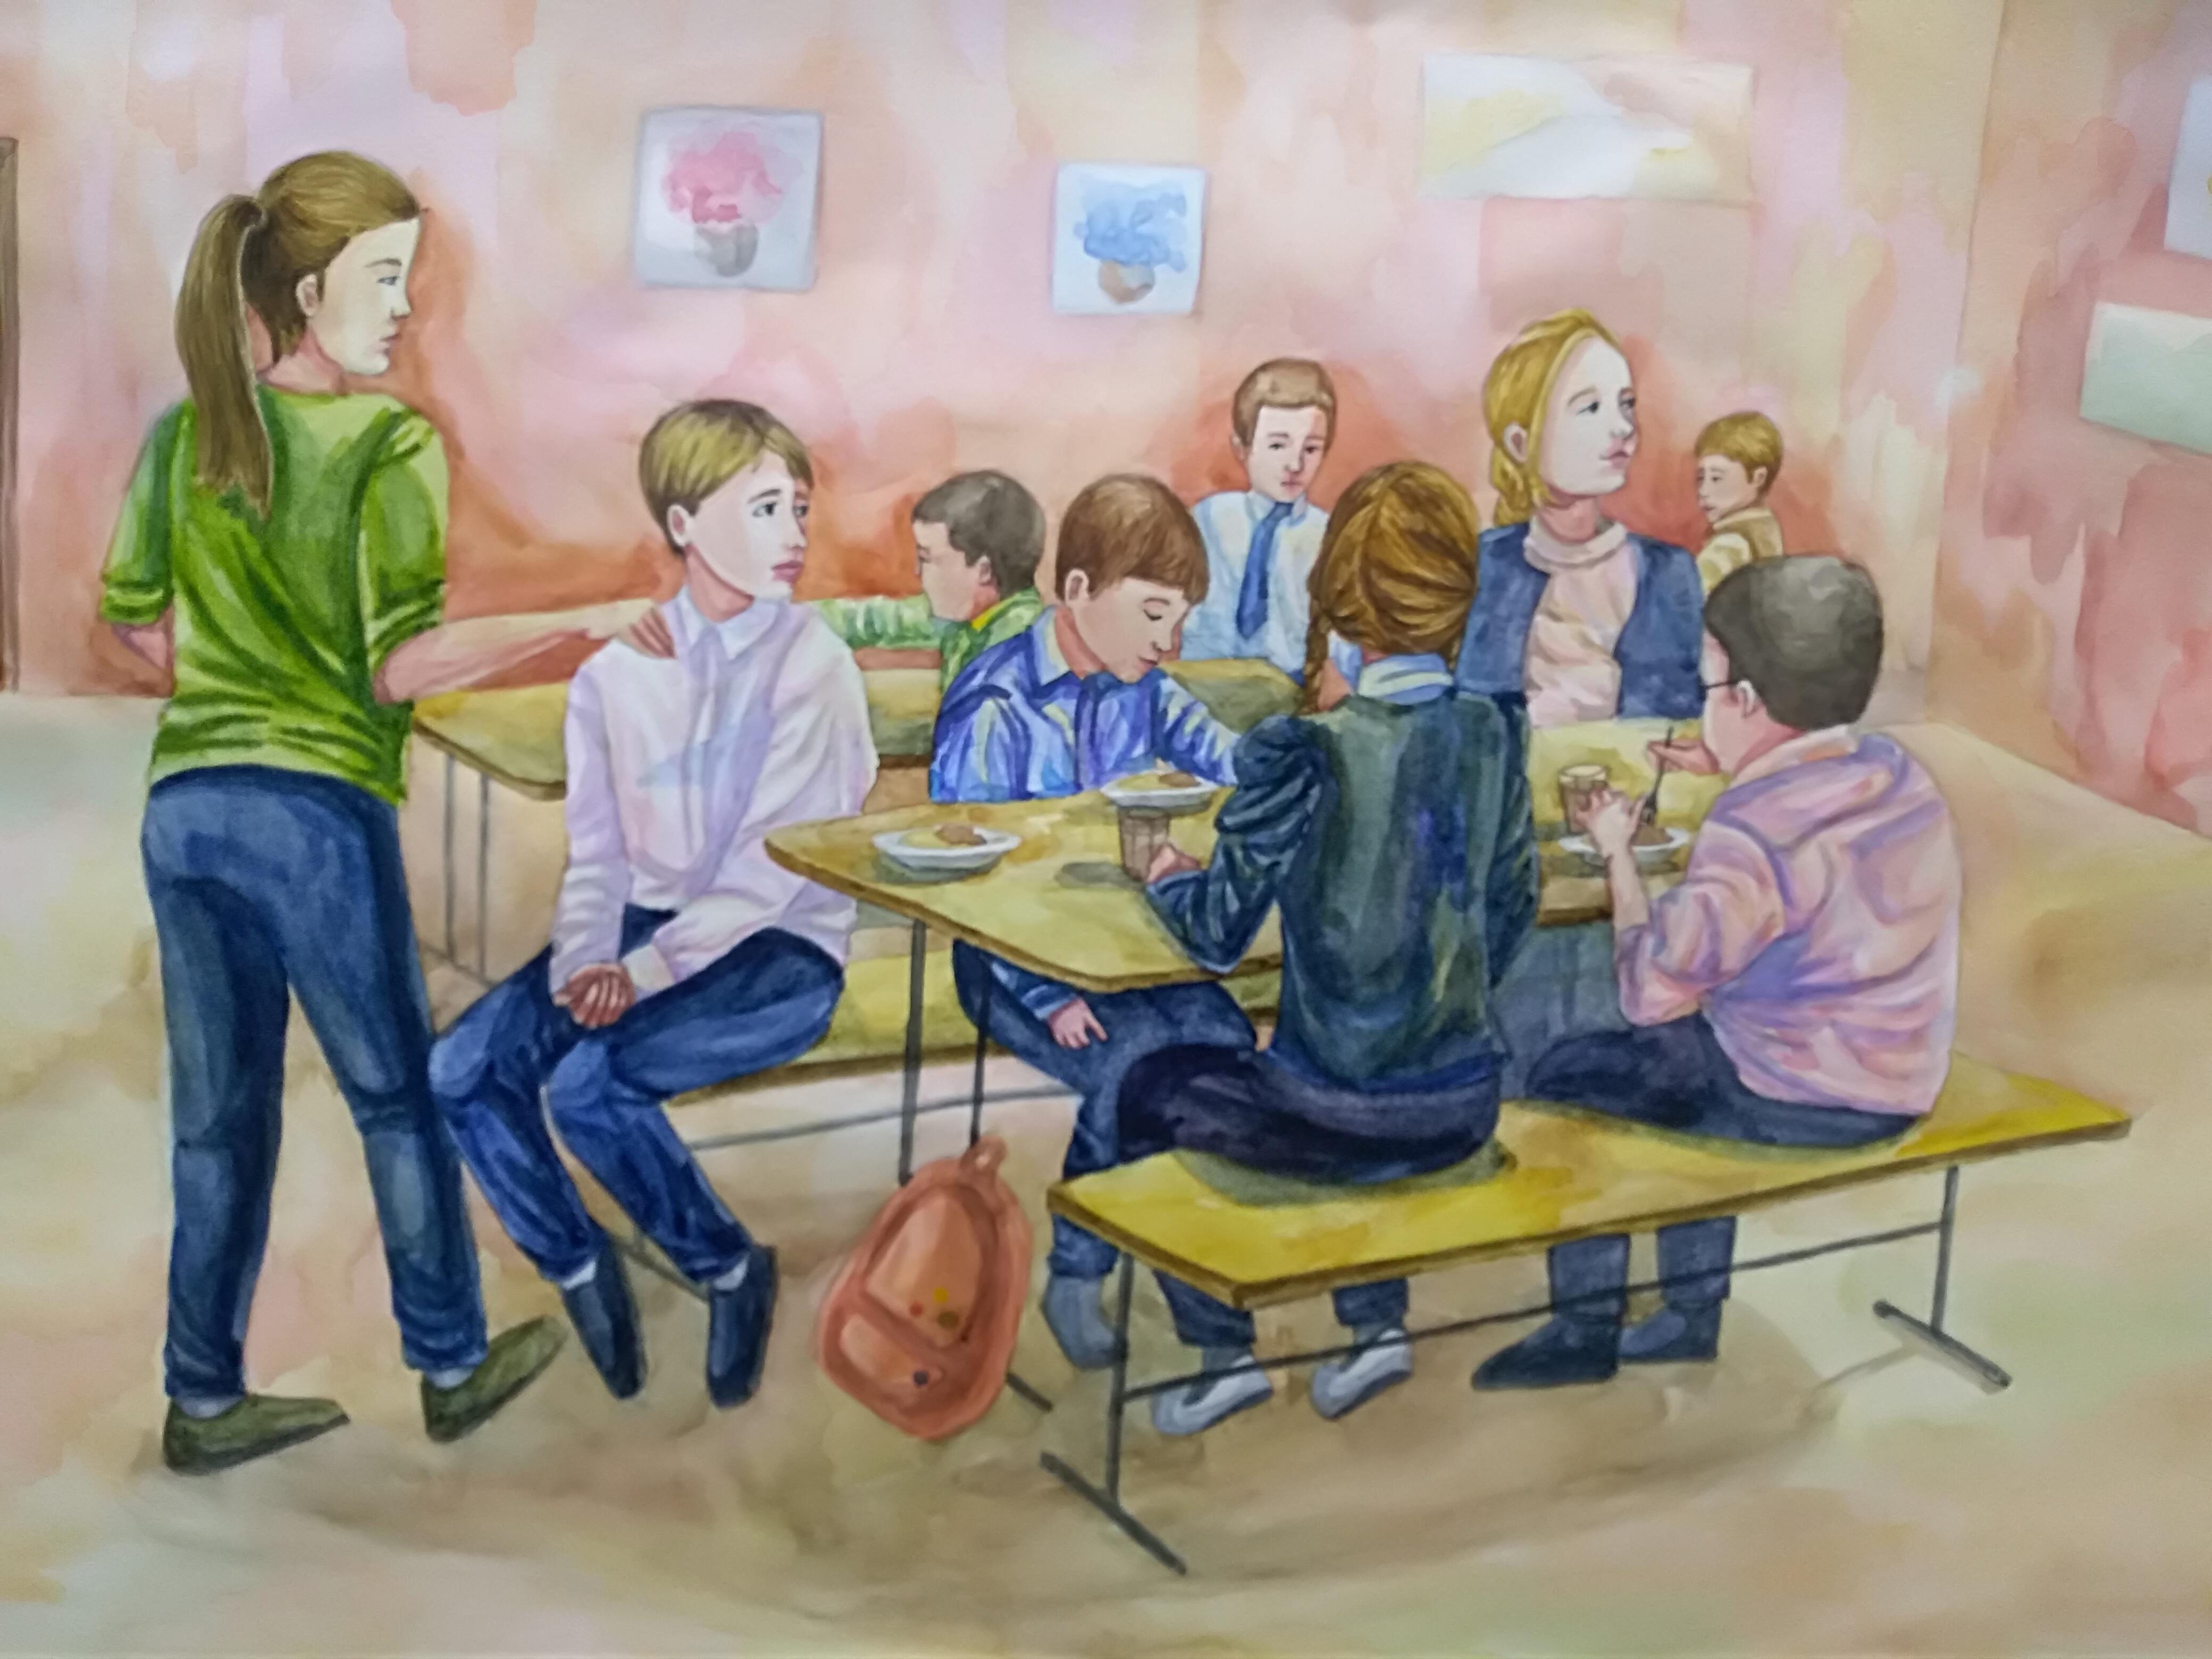 славится картинки для школы на конкурс окрас достигается